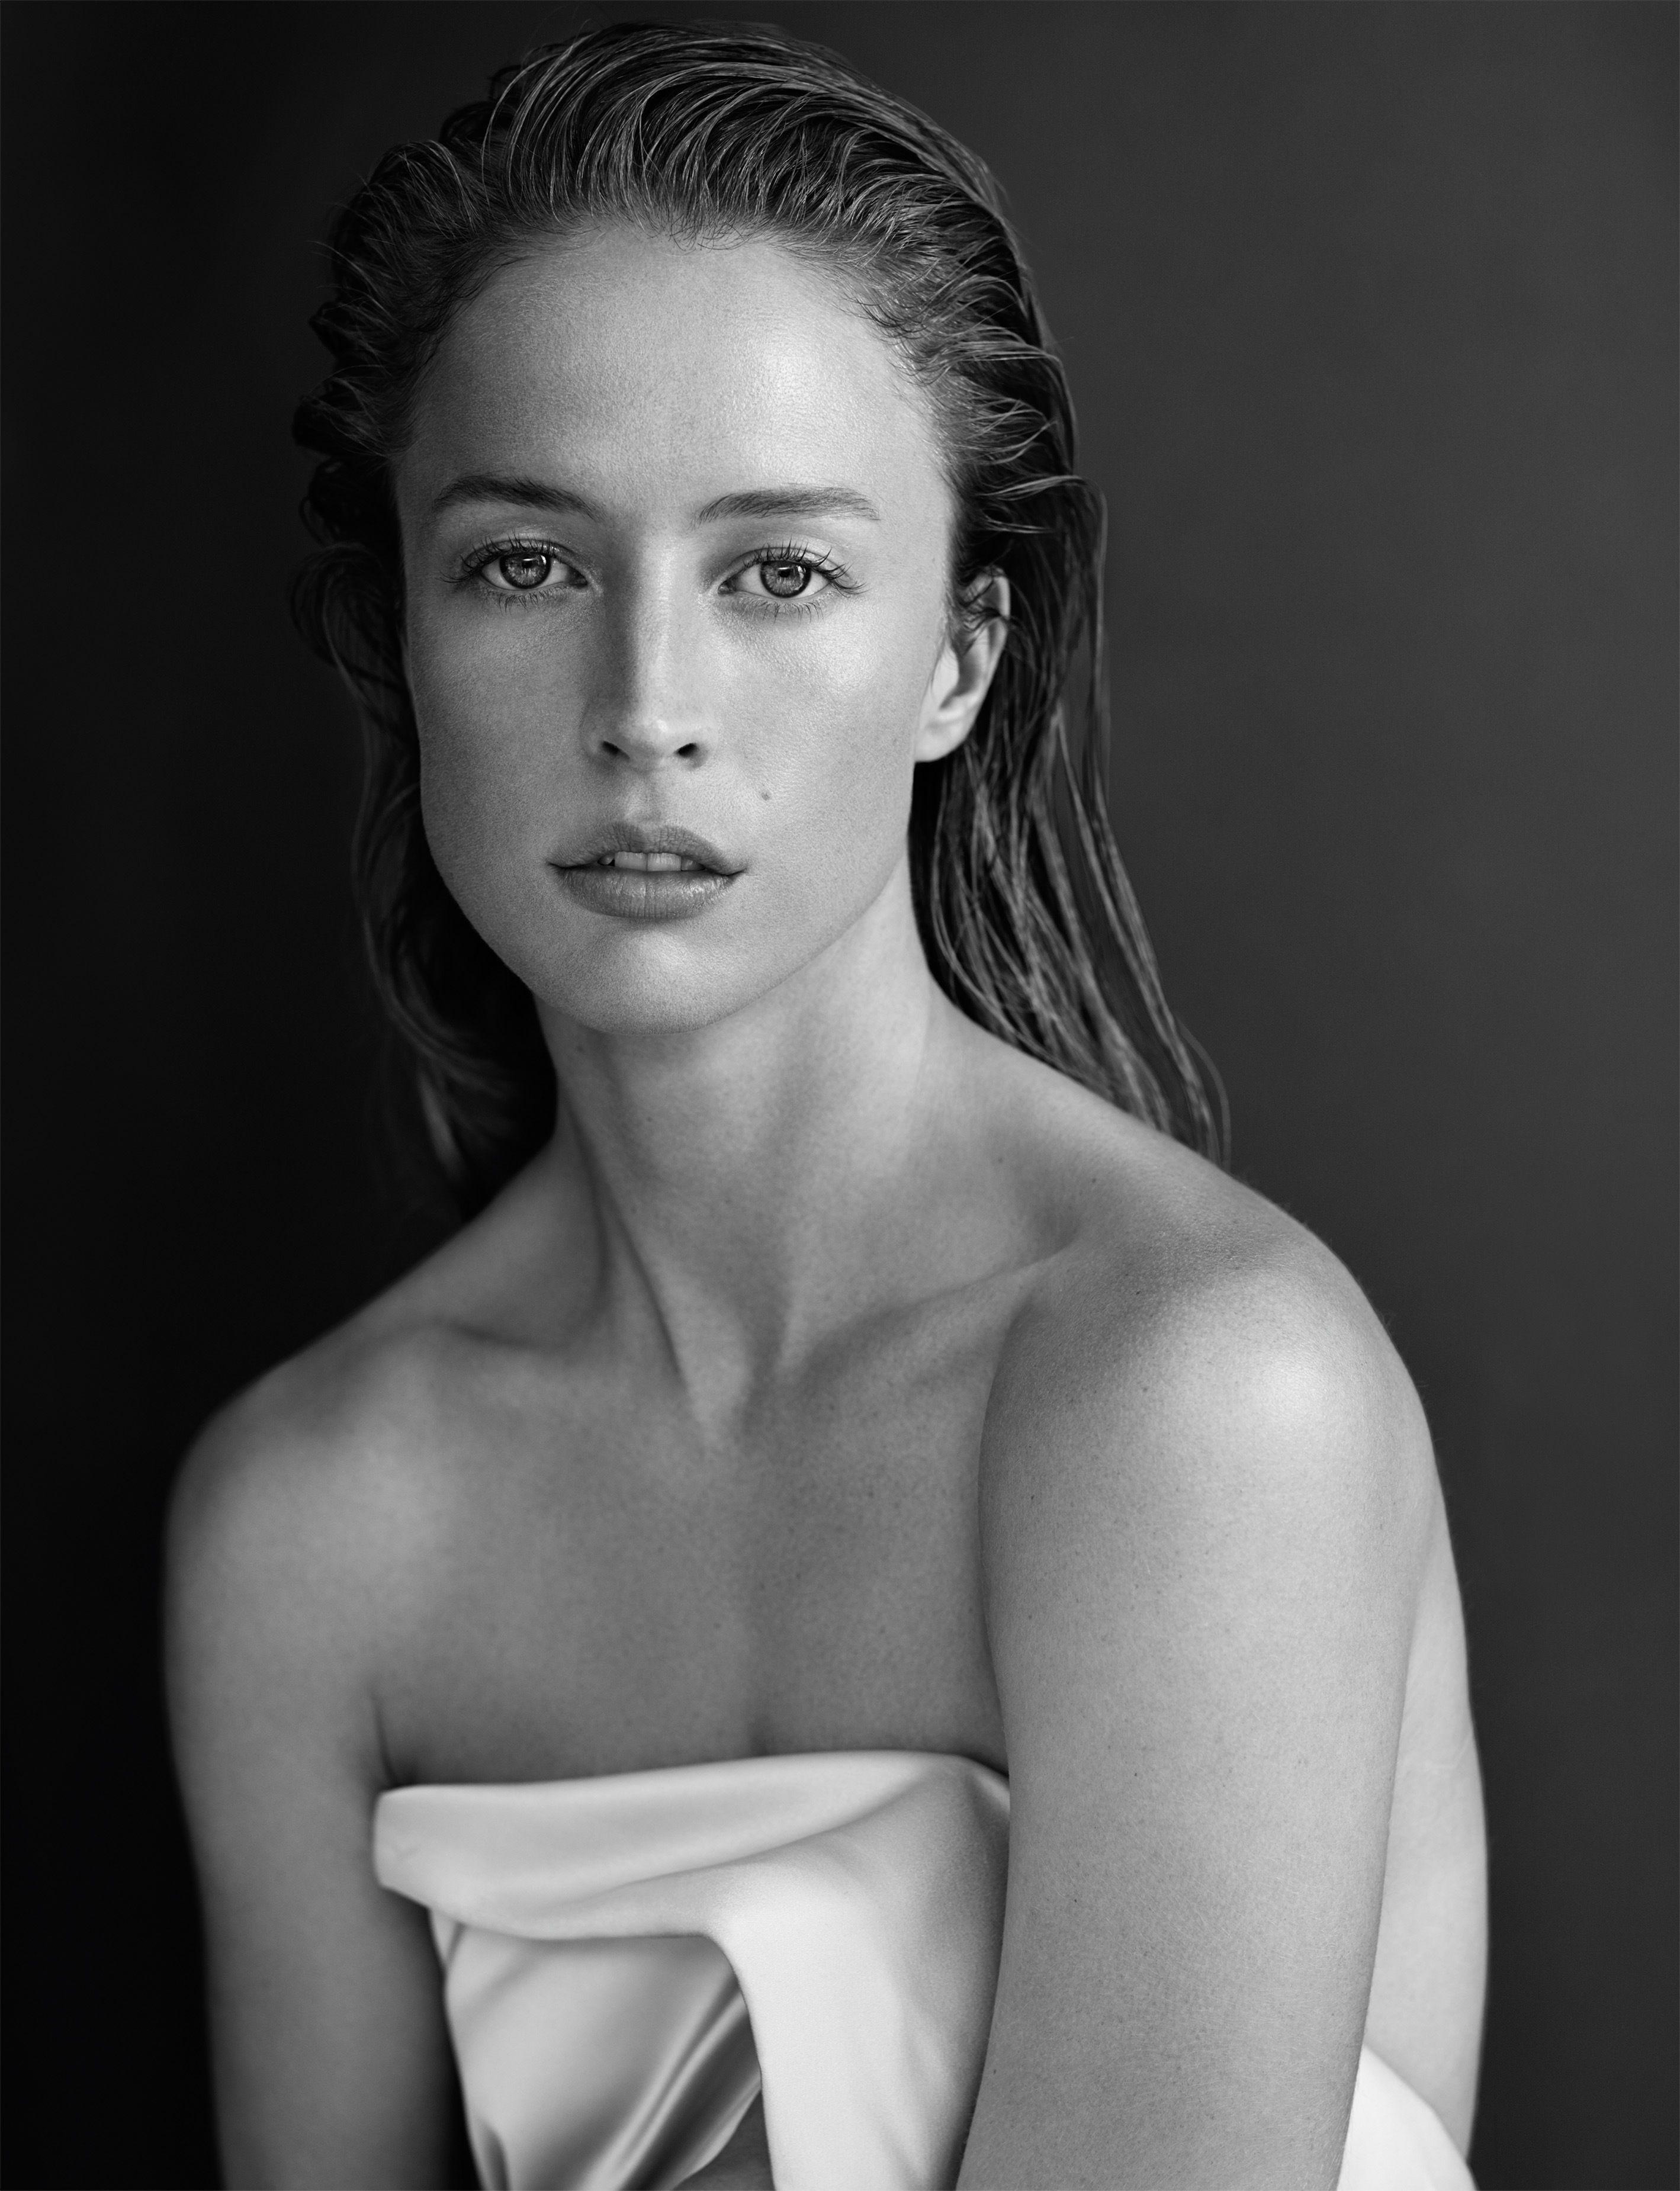 Raquel Zimmerman